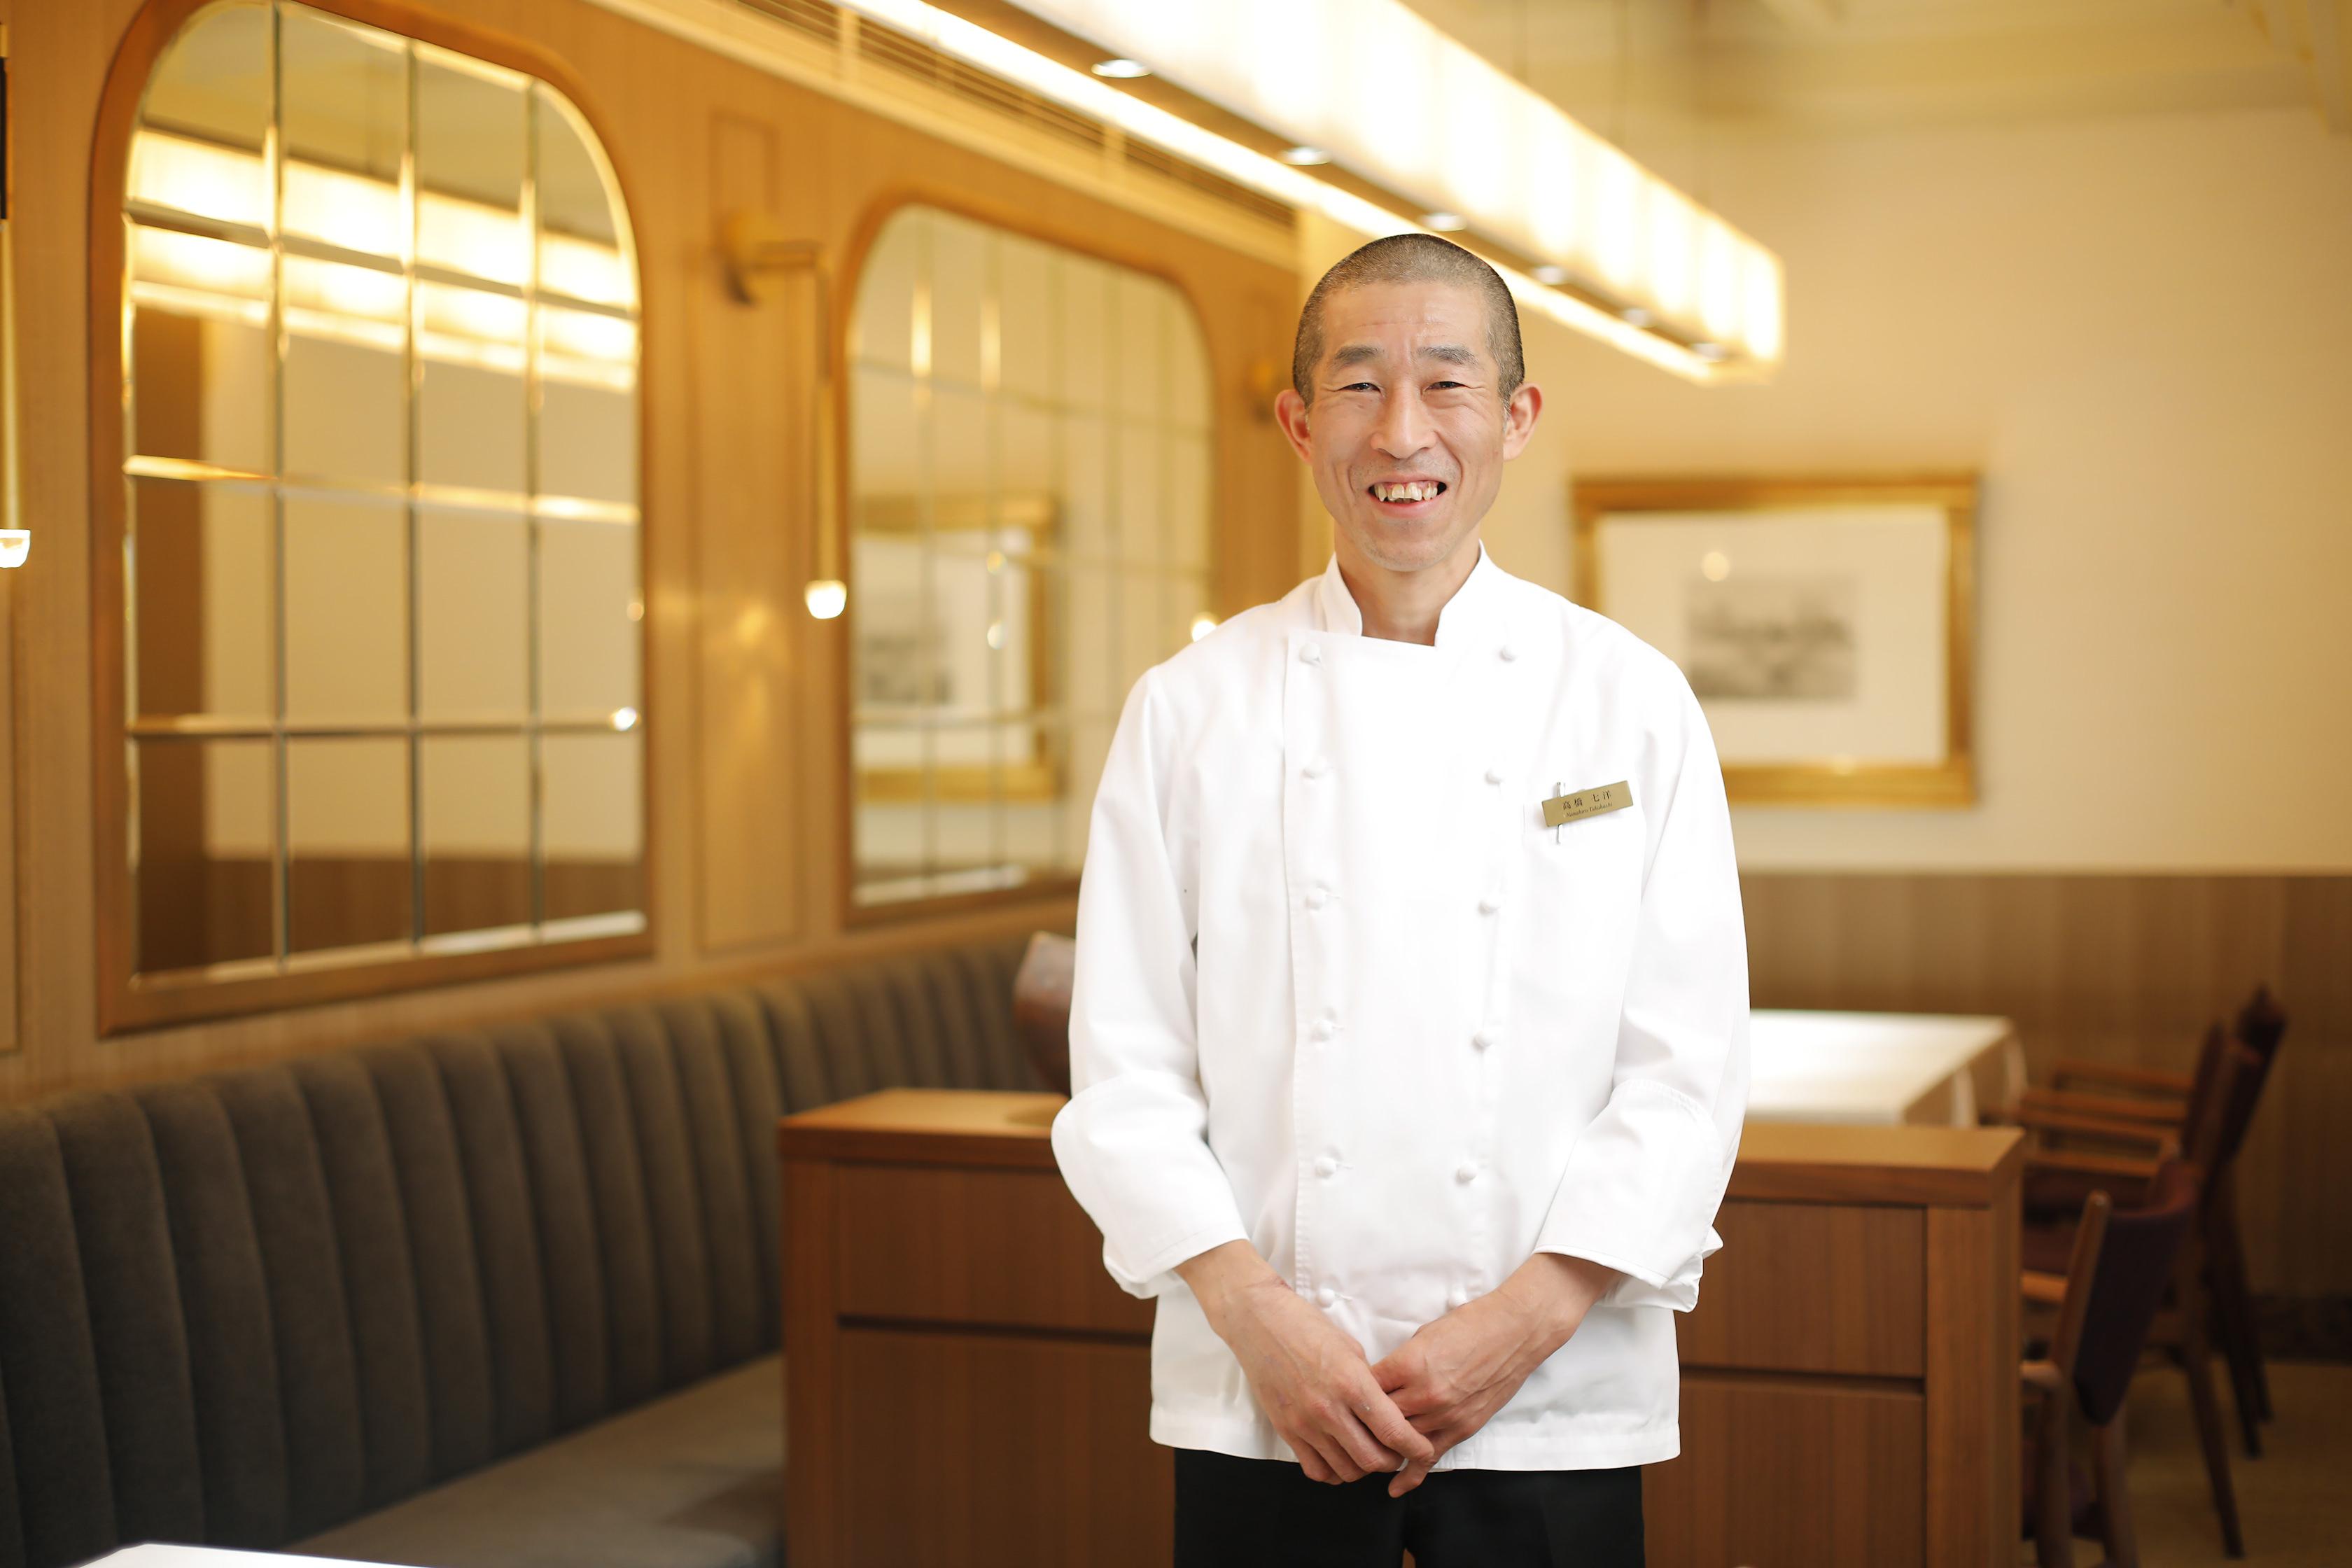 RESTAURANT NANPEIDAI(レストラン ナンペイダイ)高橋七洋